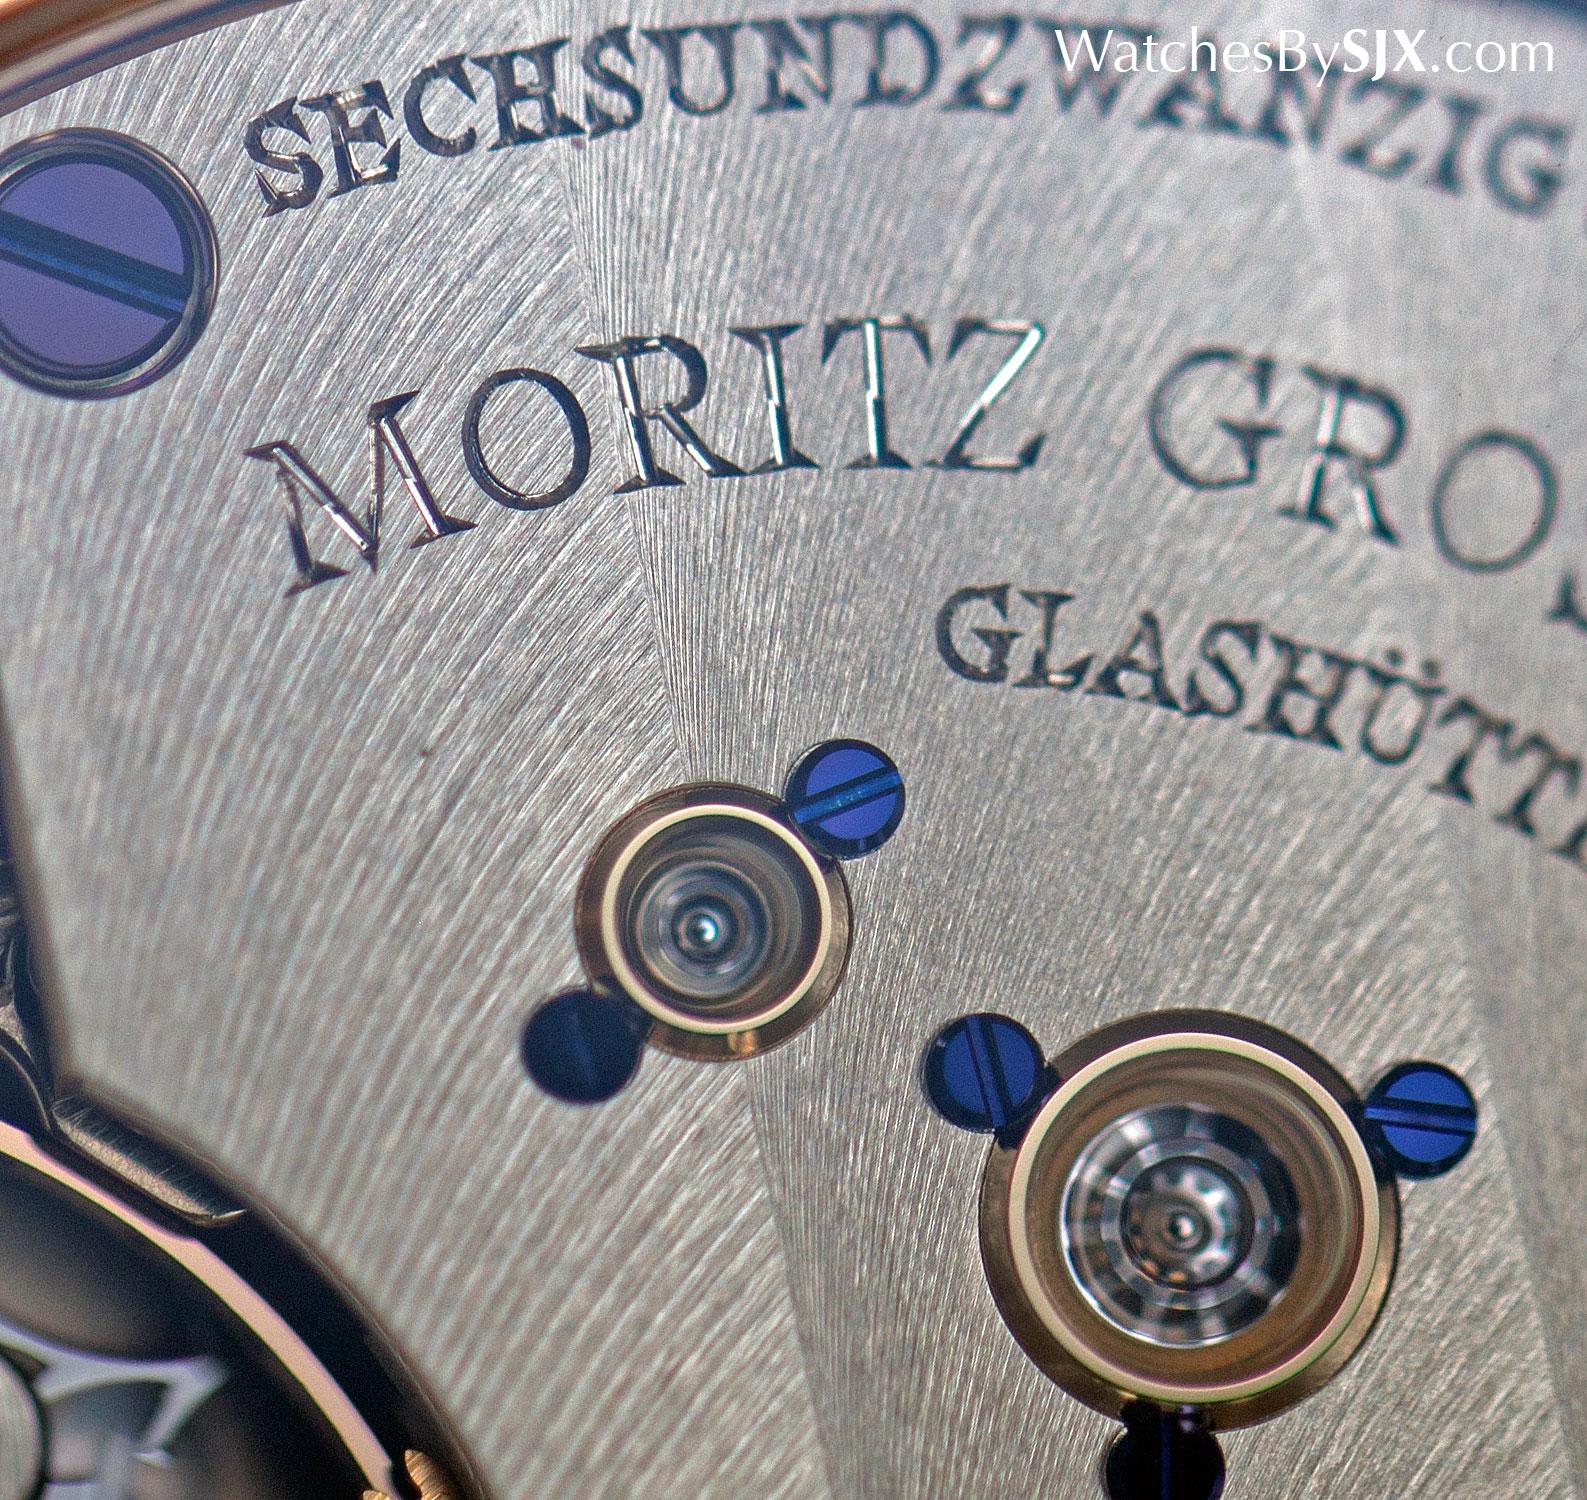 Moritz Grossmann Benu Power Reserve 3